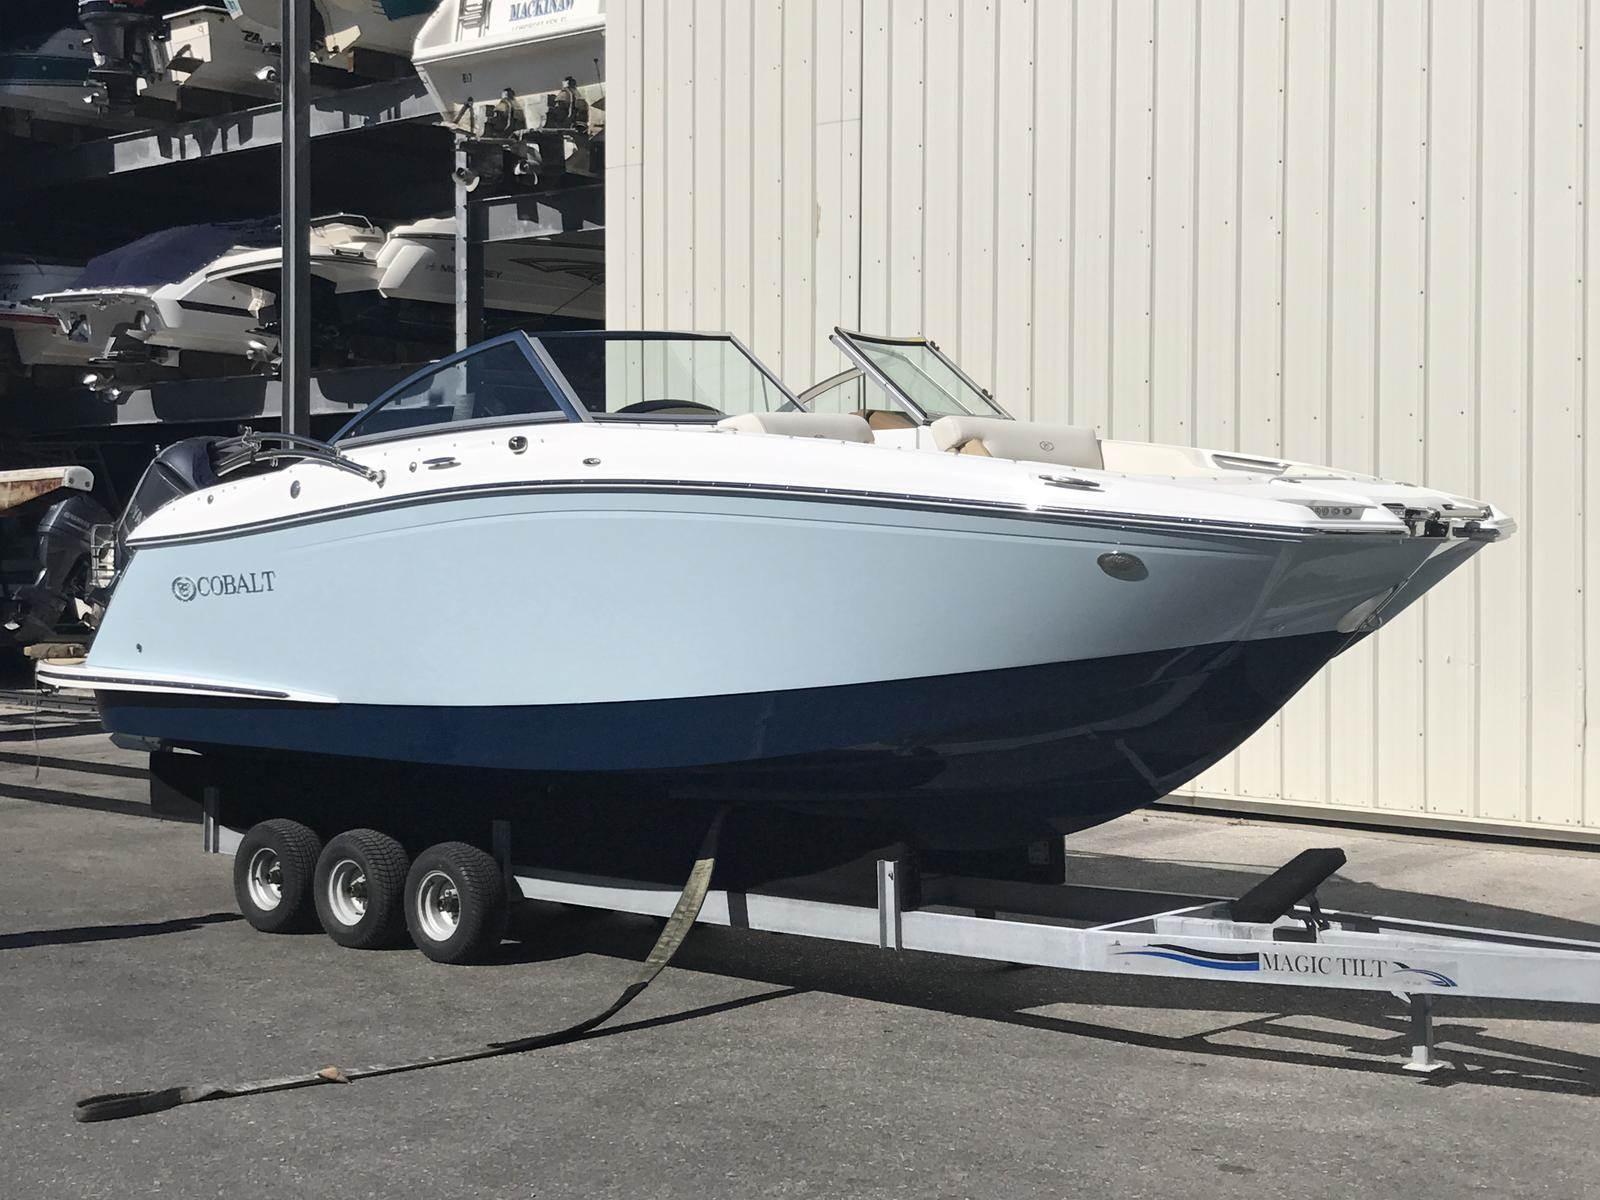 NEW 2018 Cobalt 23 SC - Sara Bay Marina